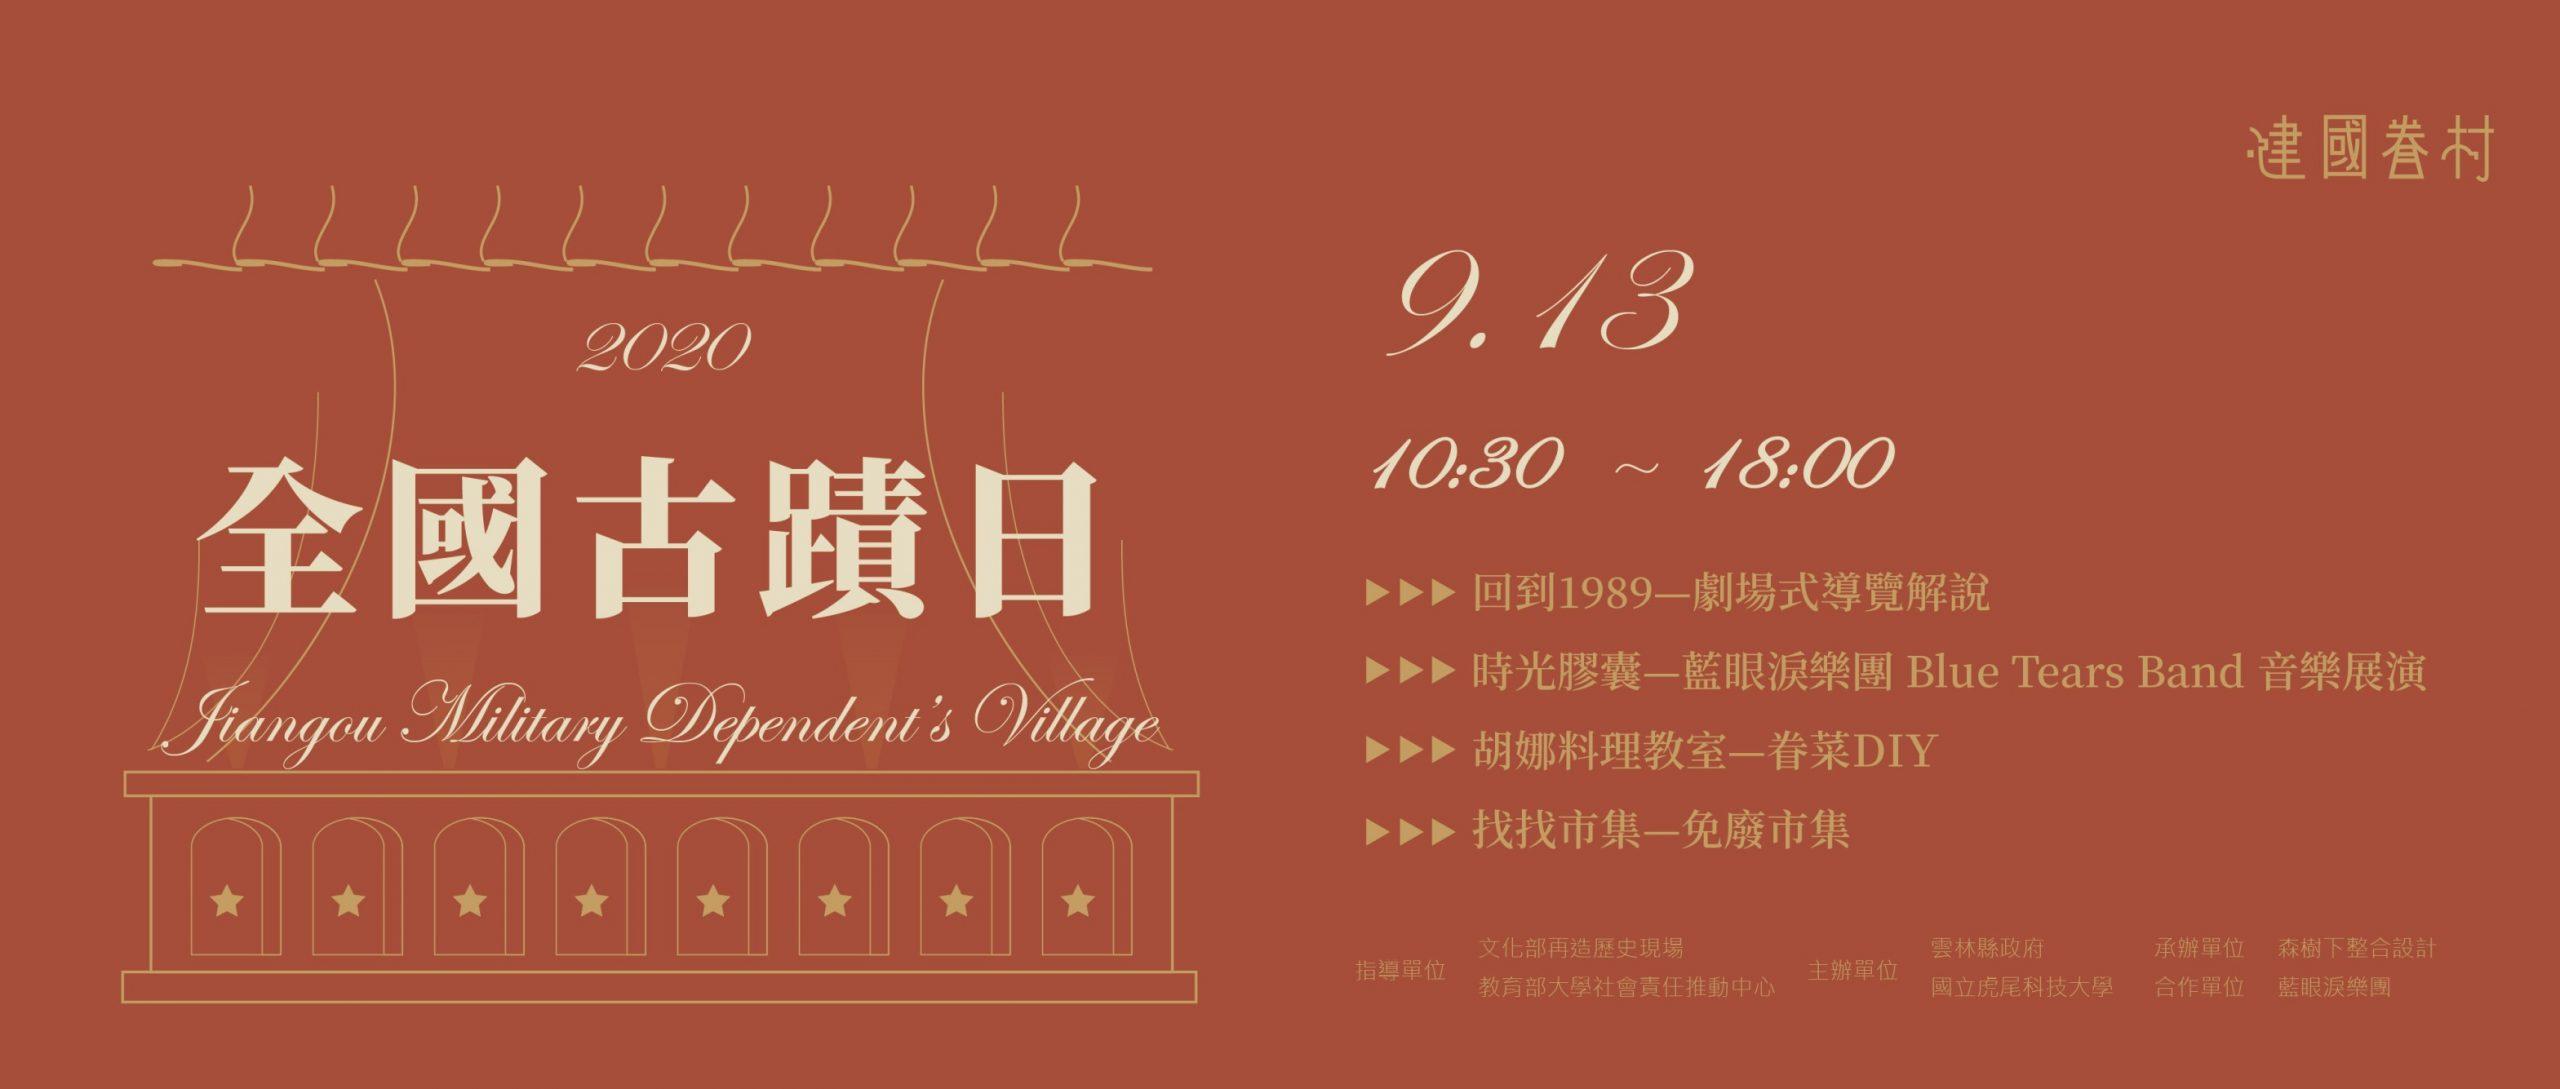 9/13 2020全國古蹟日系列活動